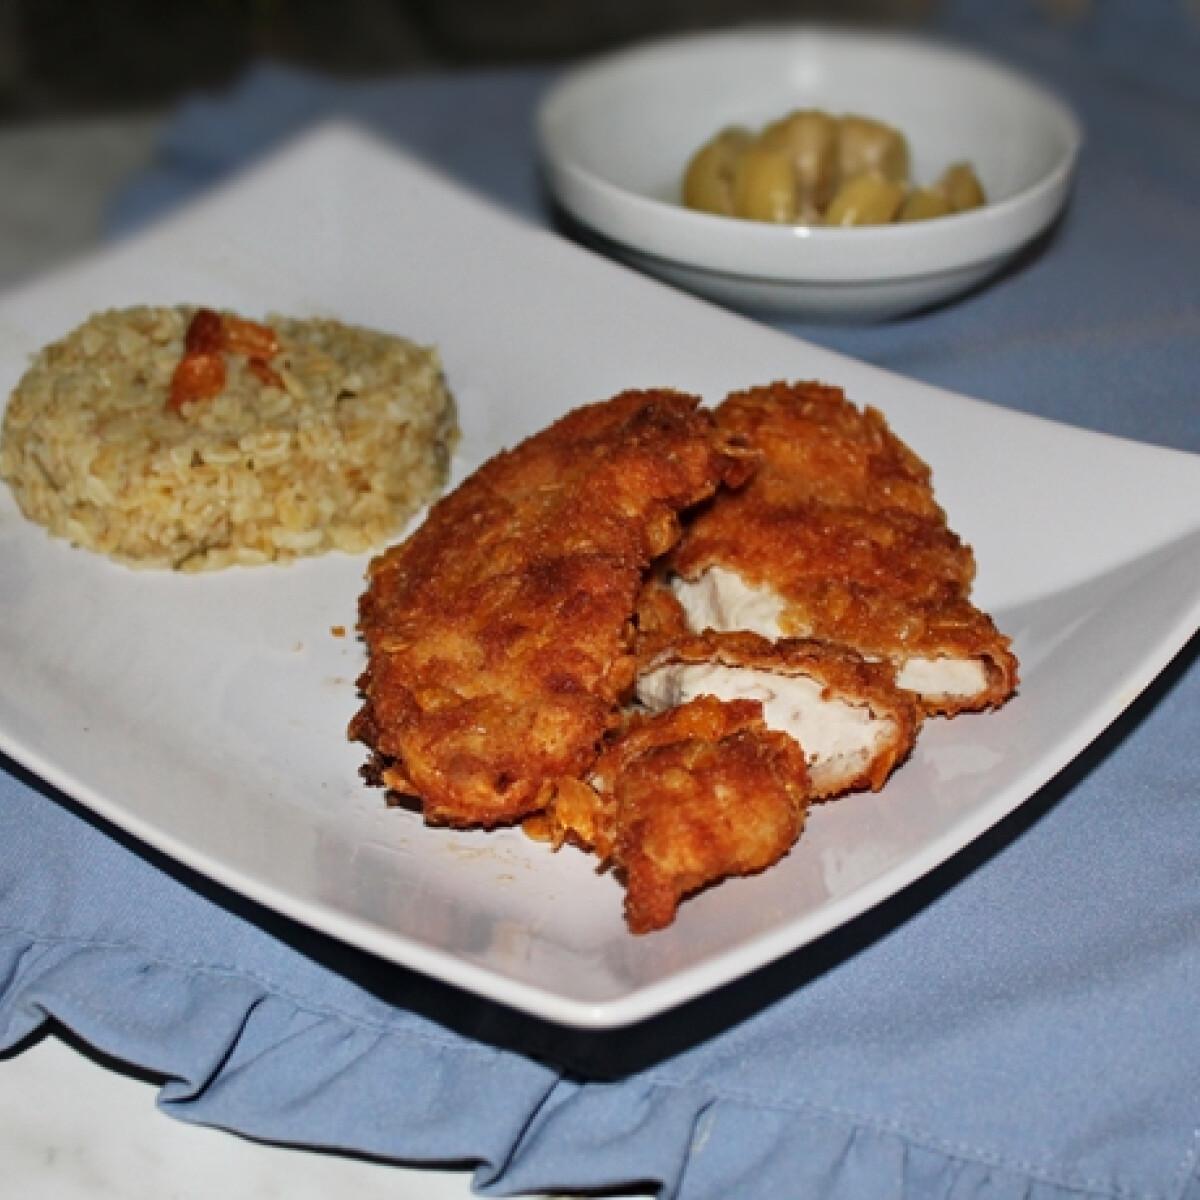 Kukoricapehely-bundás csirkemell barna rizzsel